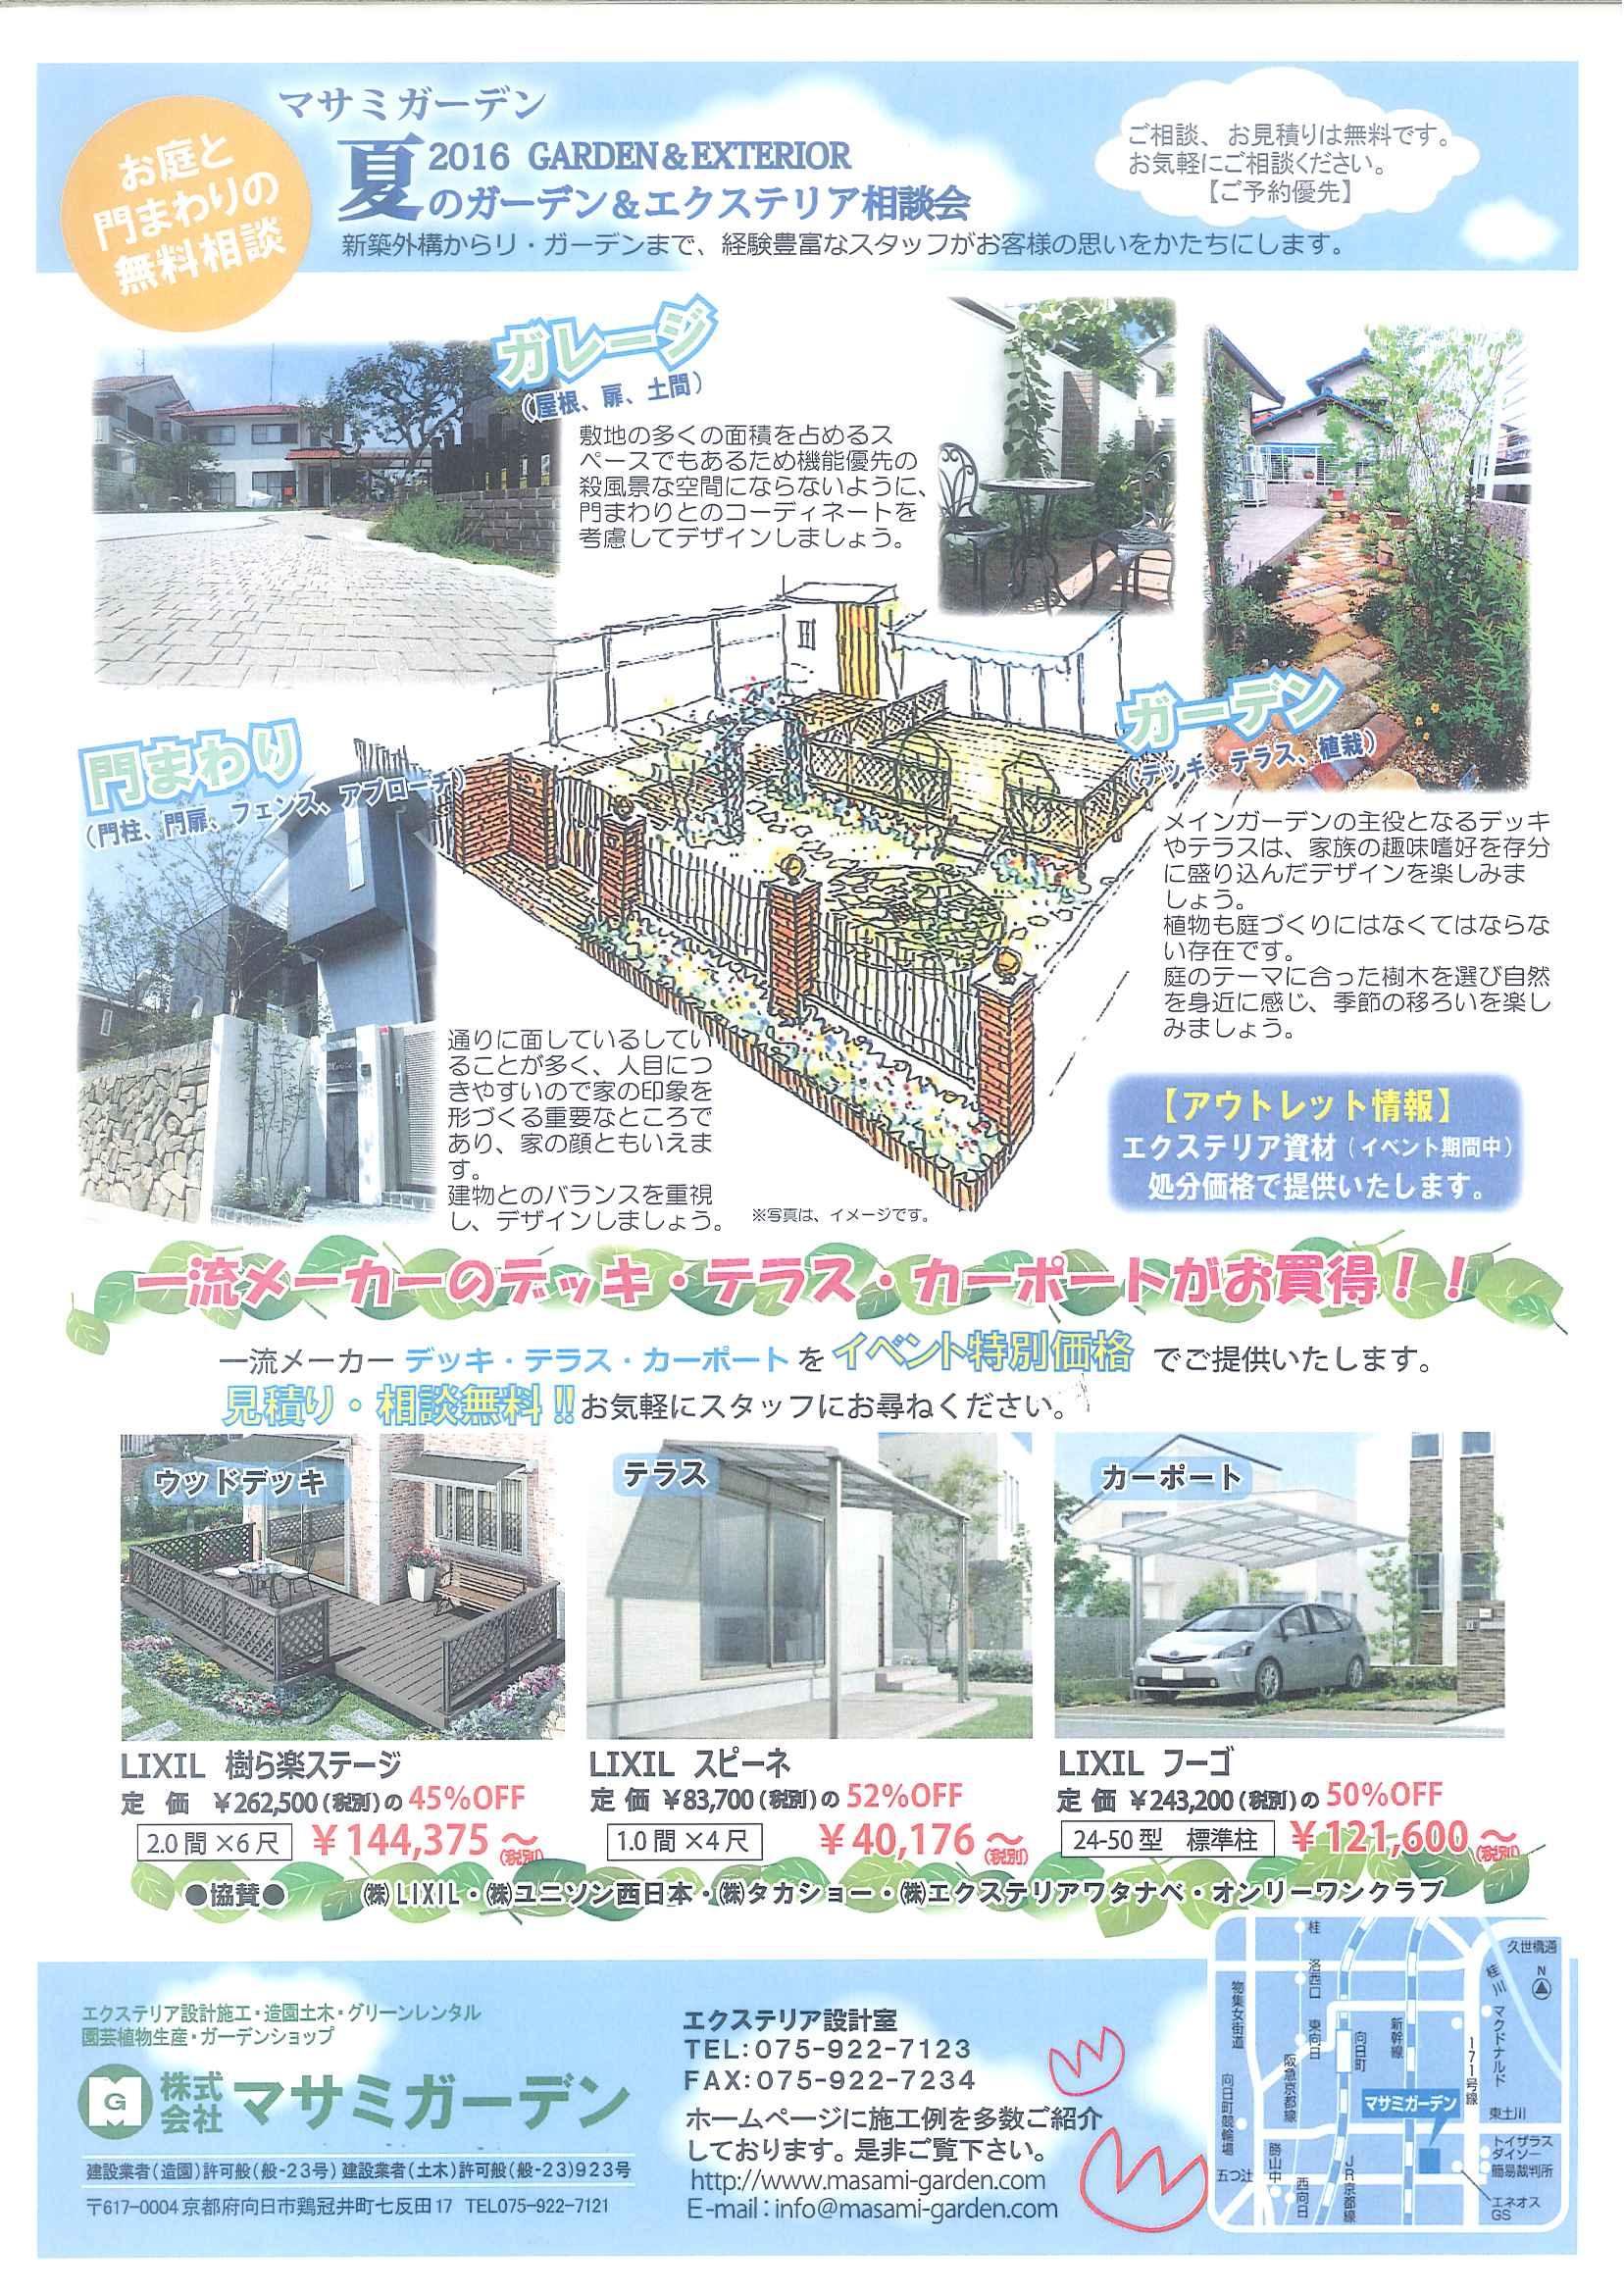 ★夏ガーデン&エクステリア相談会★_e0128446_15384493.jpg